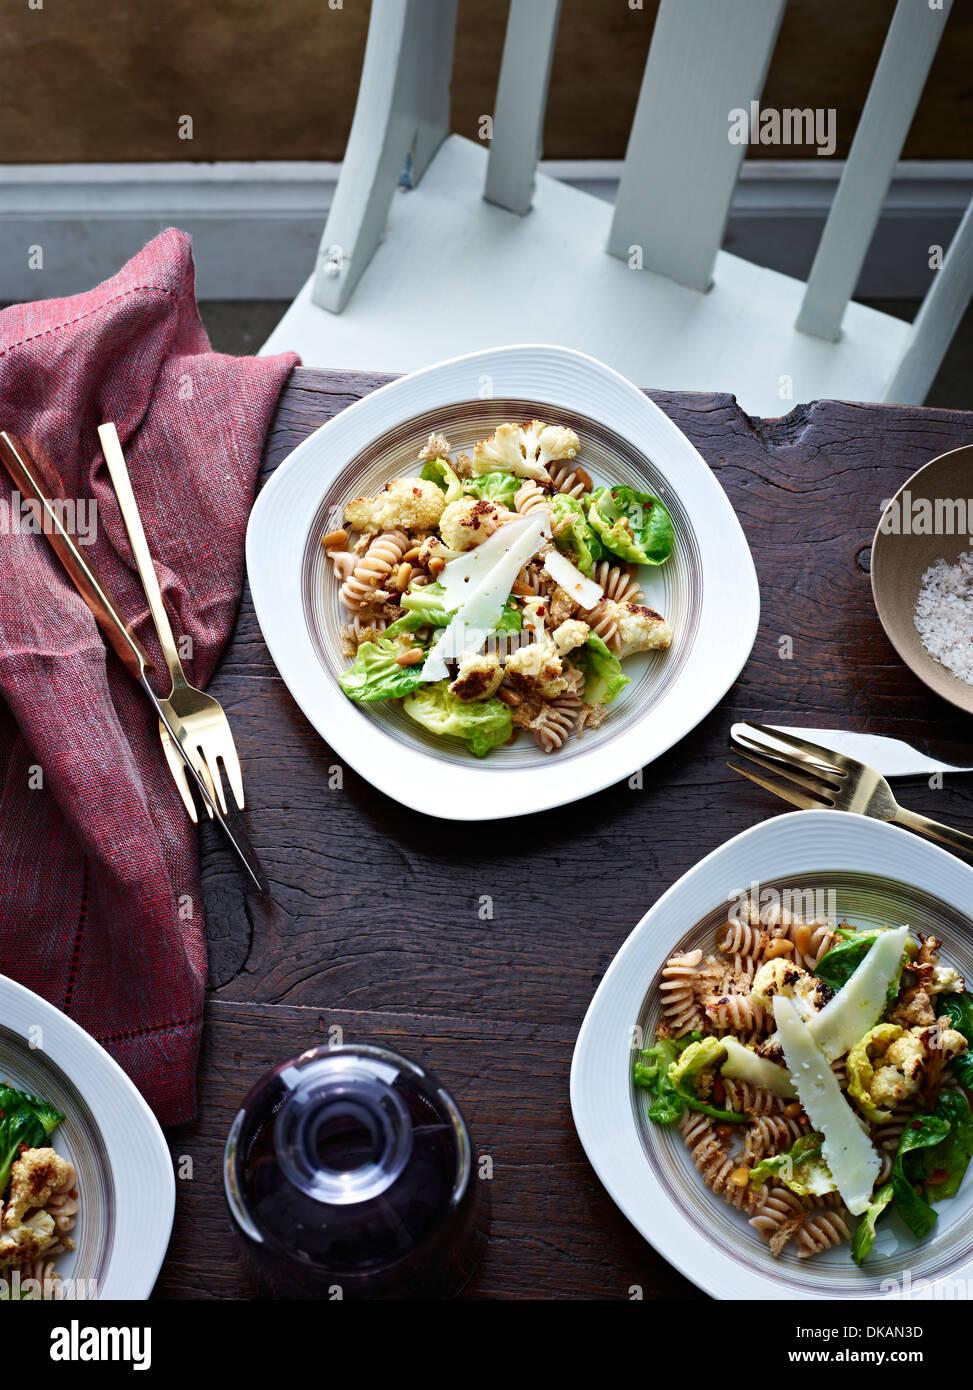 Tabelle mit Blumenkohl-Pasta und Parmesan-Scheiben Stockbild